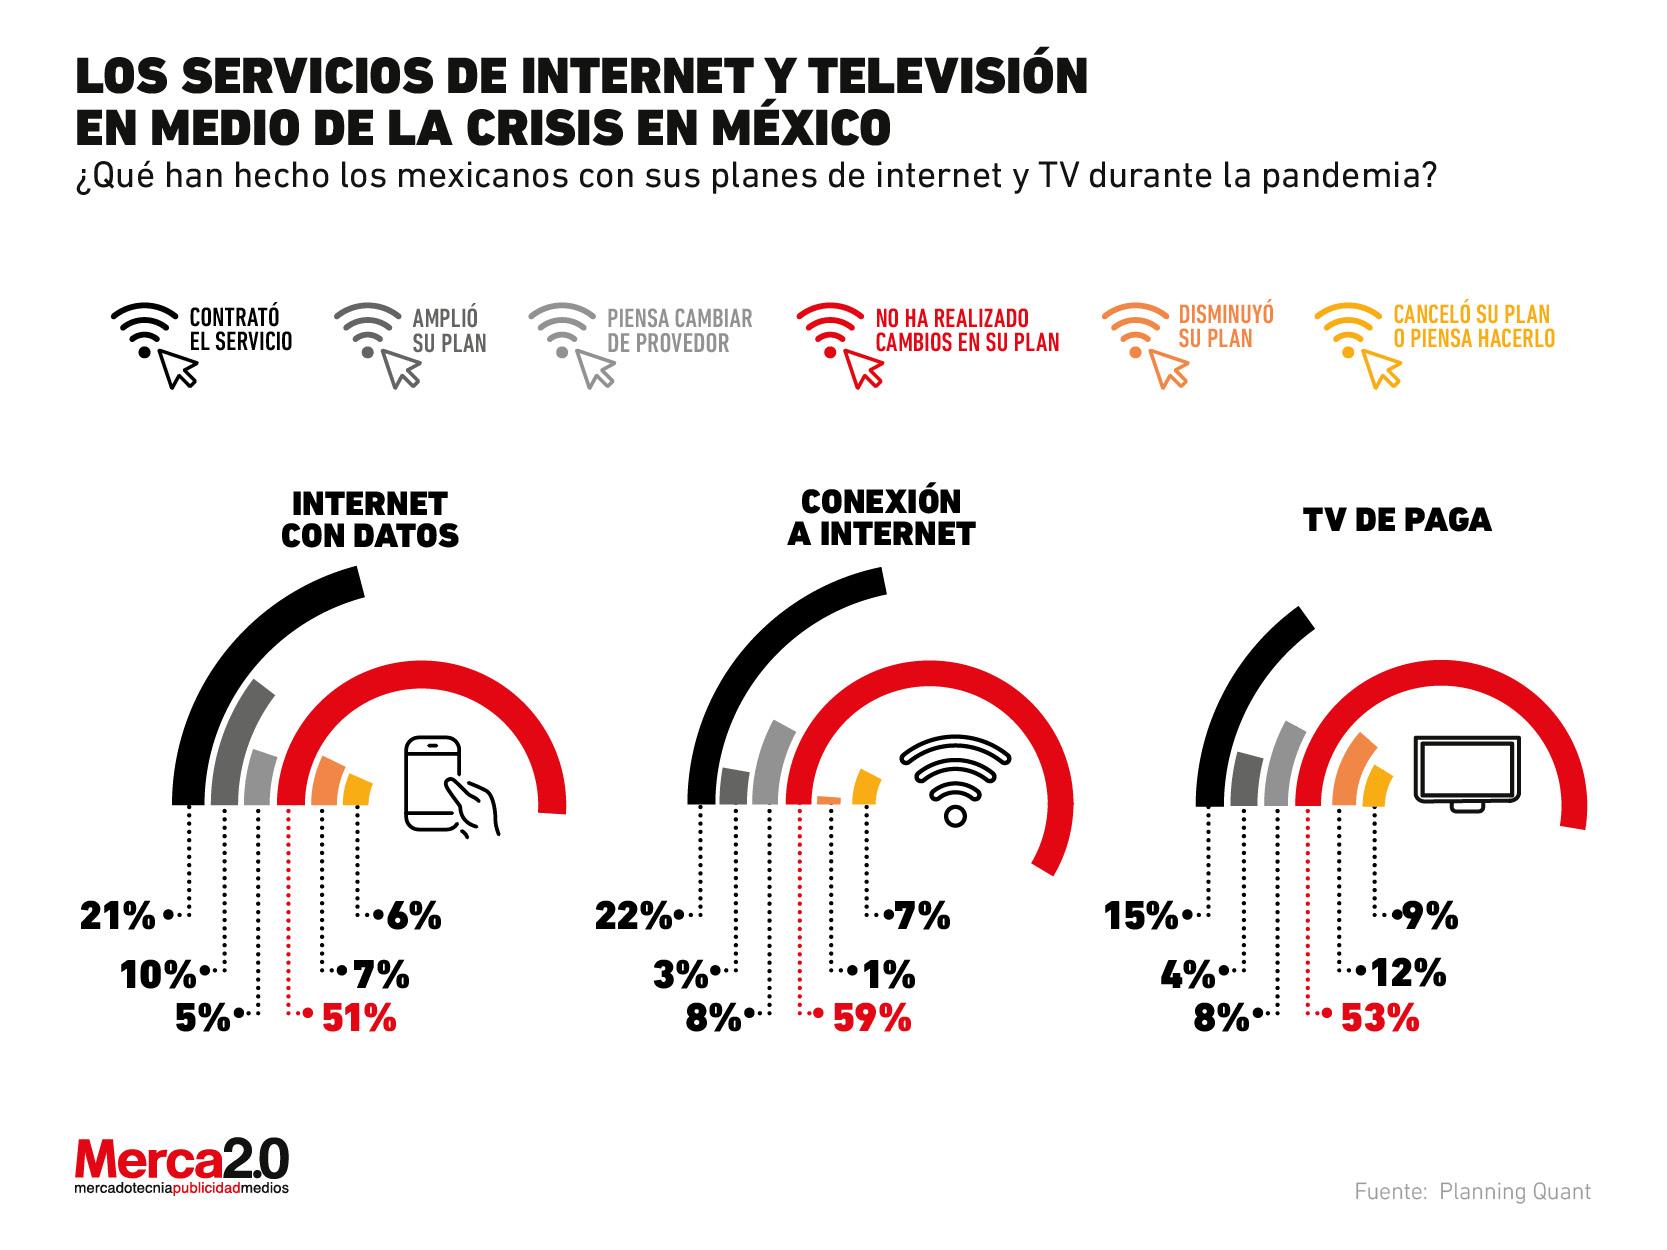 ¿La pandemia ha modificado la contratación de servicios de internet y TV?